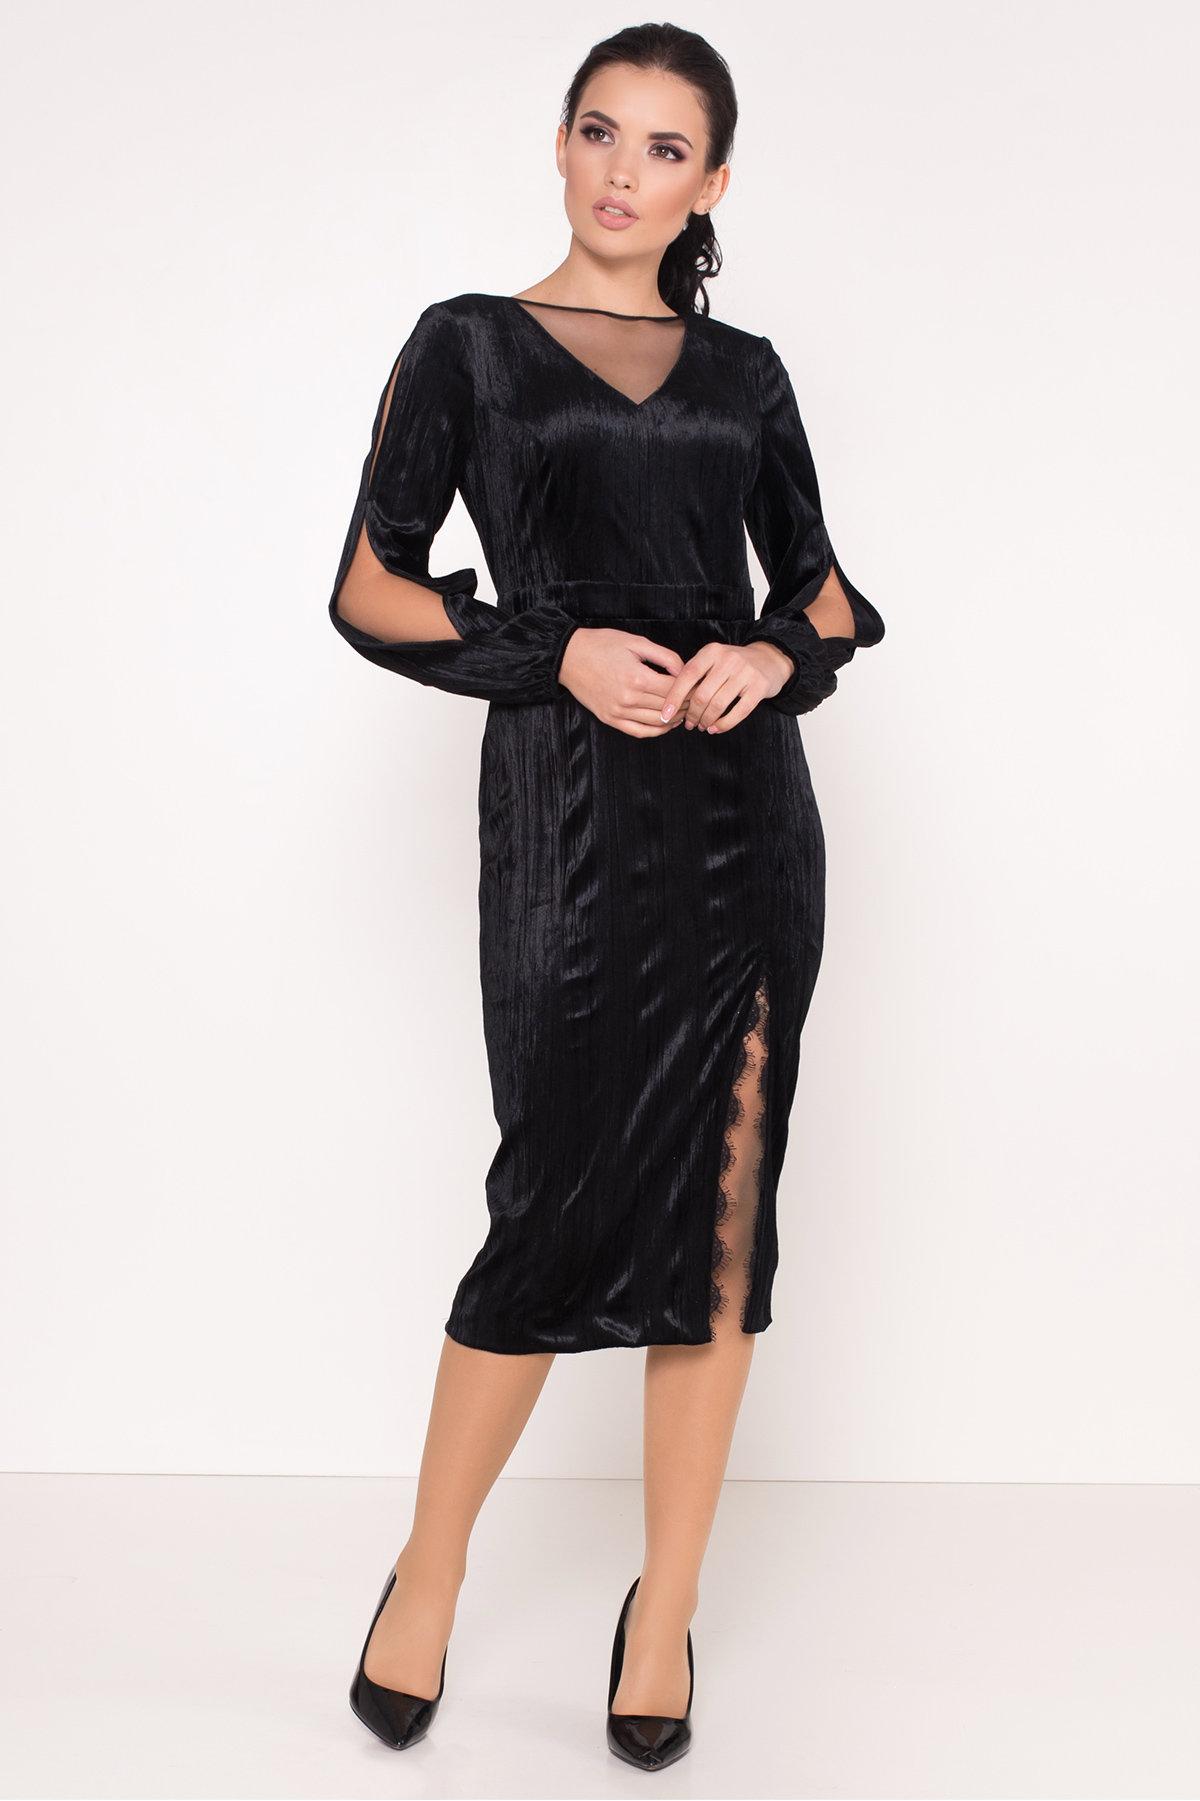 Велюровое платье-миди длины Блек 8652 АРТ. 44974 Цвет: Черный - фото 2, интернет магазин tm-modus.ru